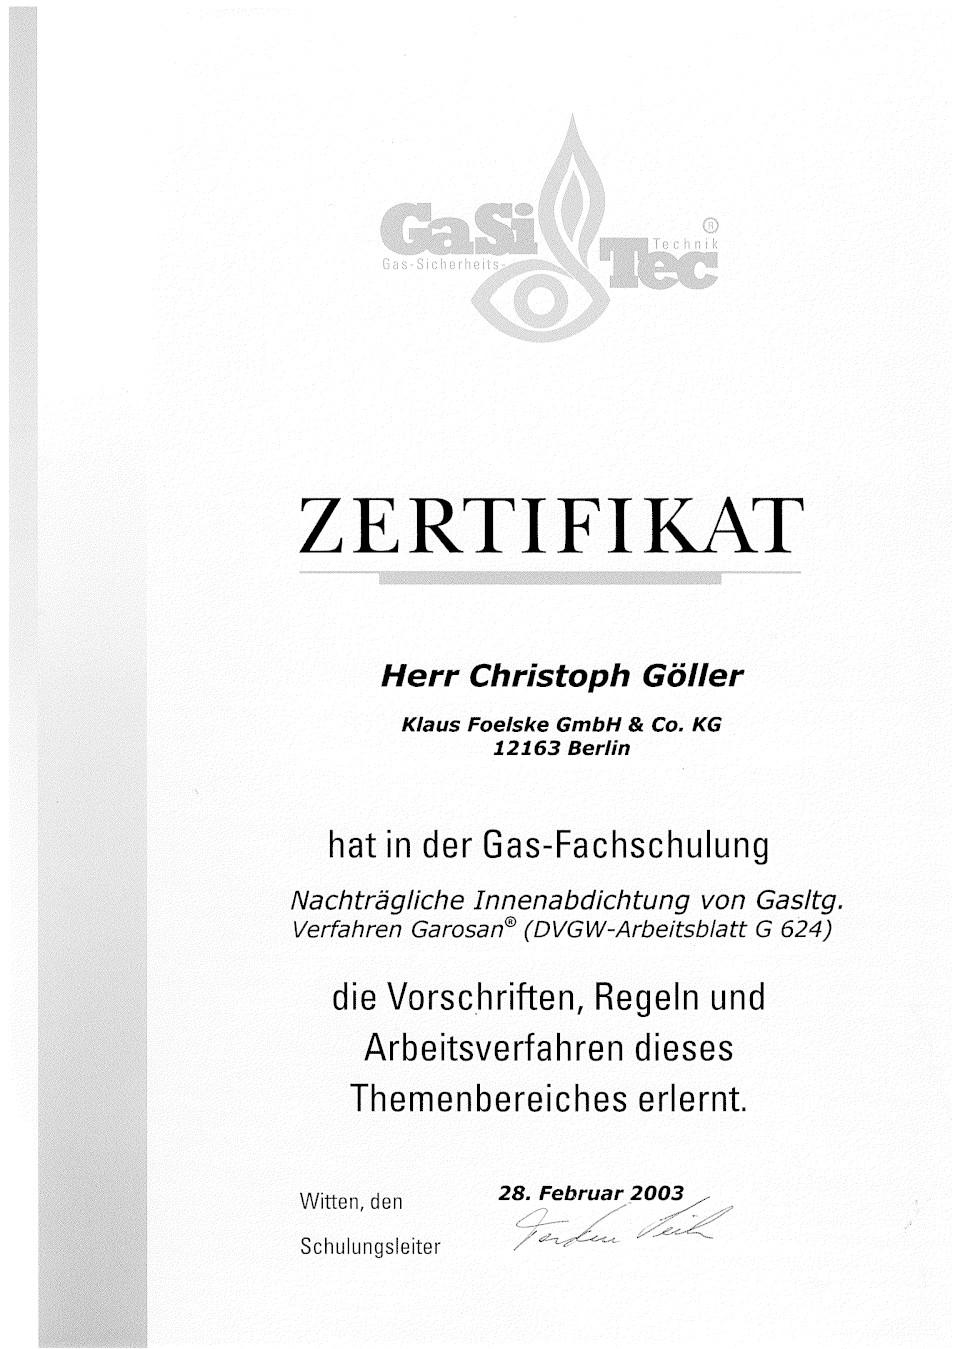 Downloads - Foelske GmbH & Co. KG